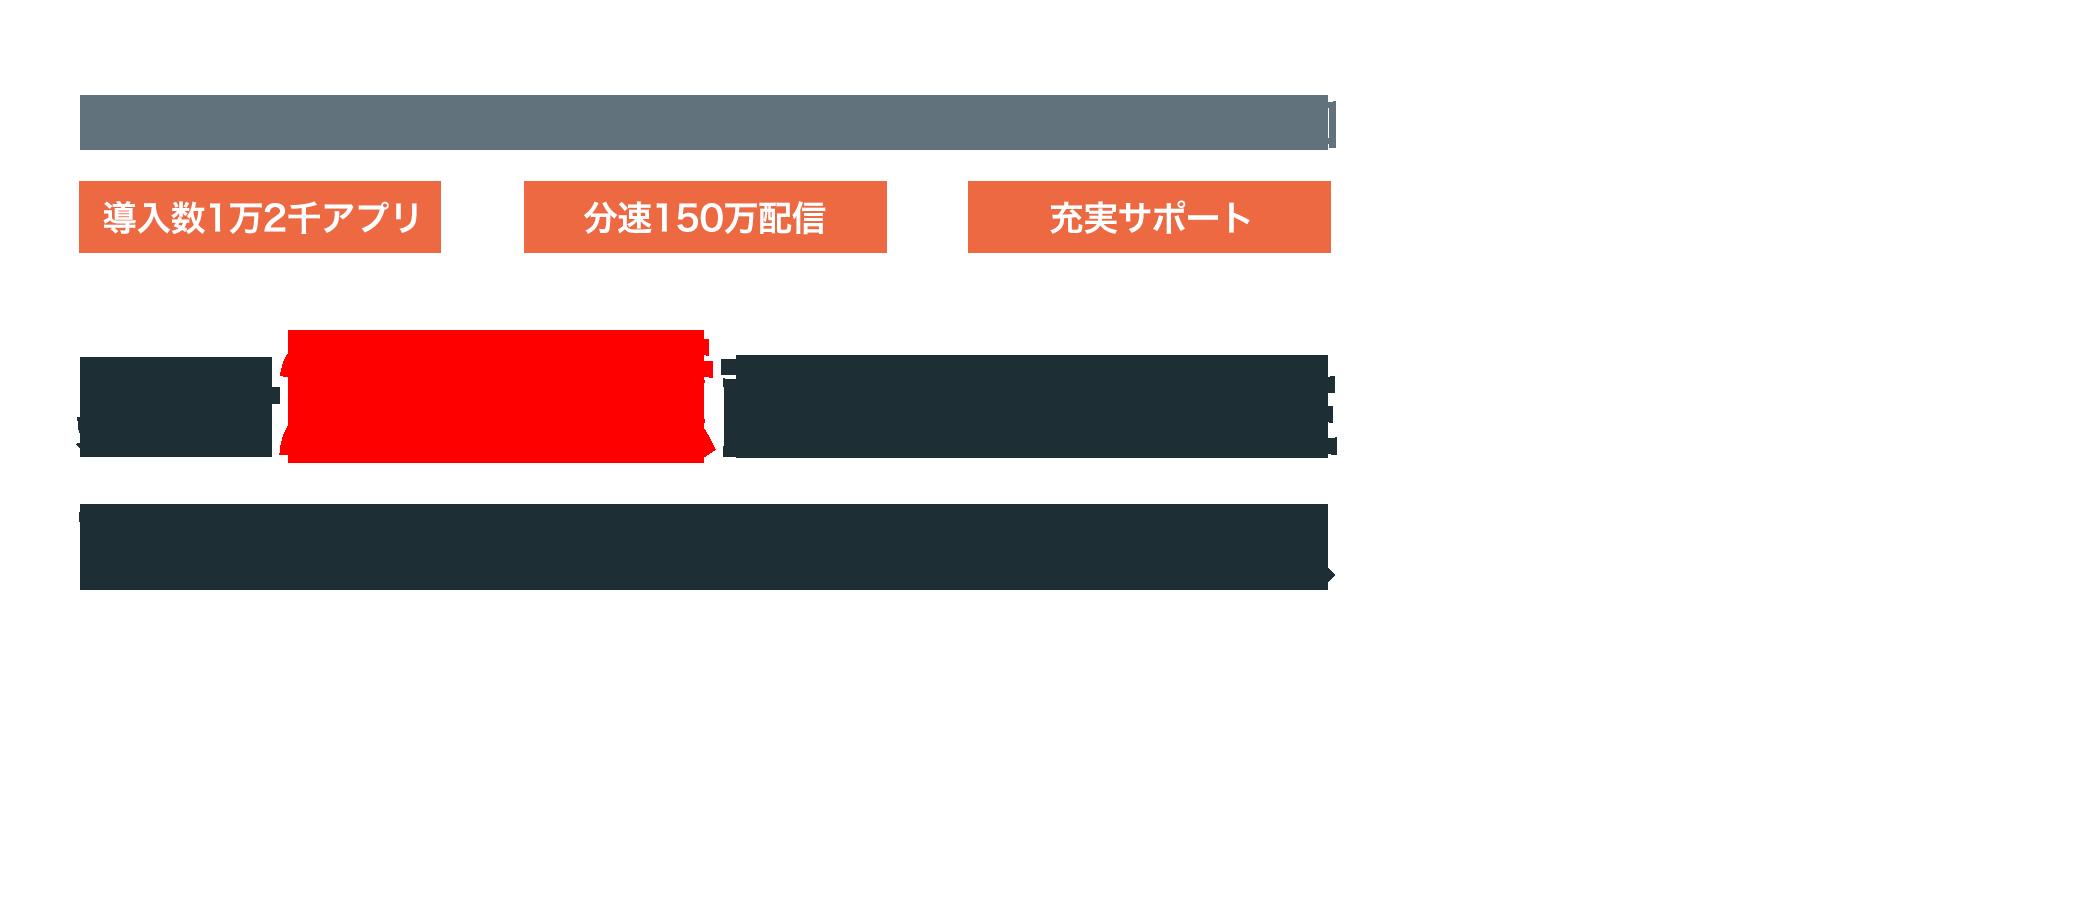 プッシュ通知とは サービス開発者のためのプッシュ通知サービス asp